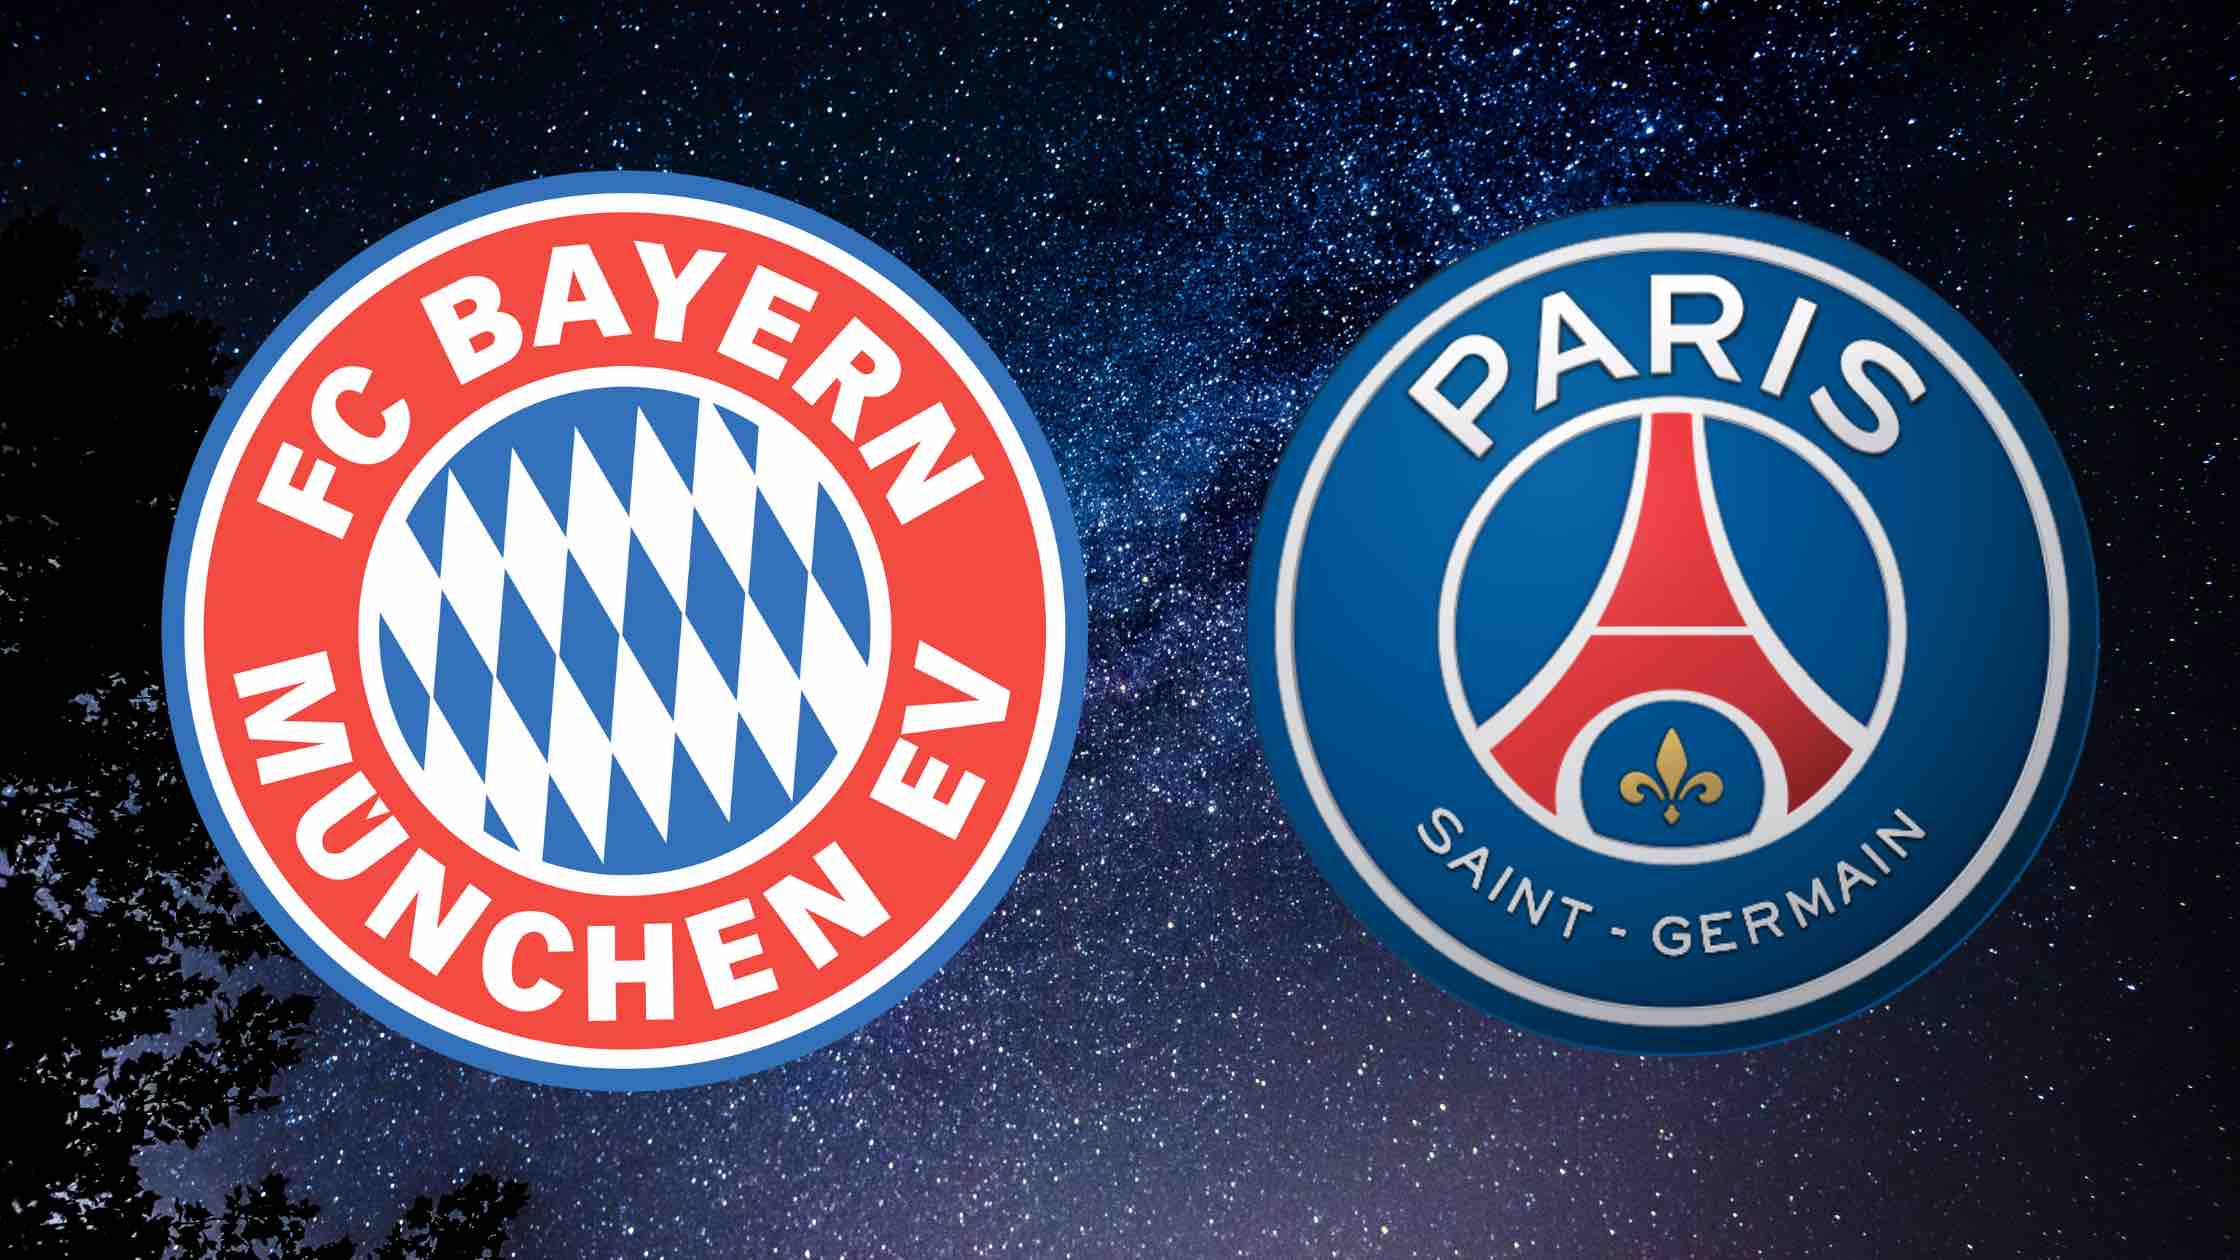 FC Bayern München – Paris Saint-Germain / PSG treffen im Champions-League-Viertelfinale 2020/2021 aufeinander: live, heute Spiele, Live-Stream, Live-Ticker, TV-Übertragung, Champions-League-Achtelfinale, CL-Konferenz.